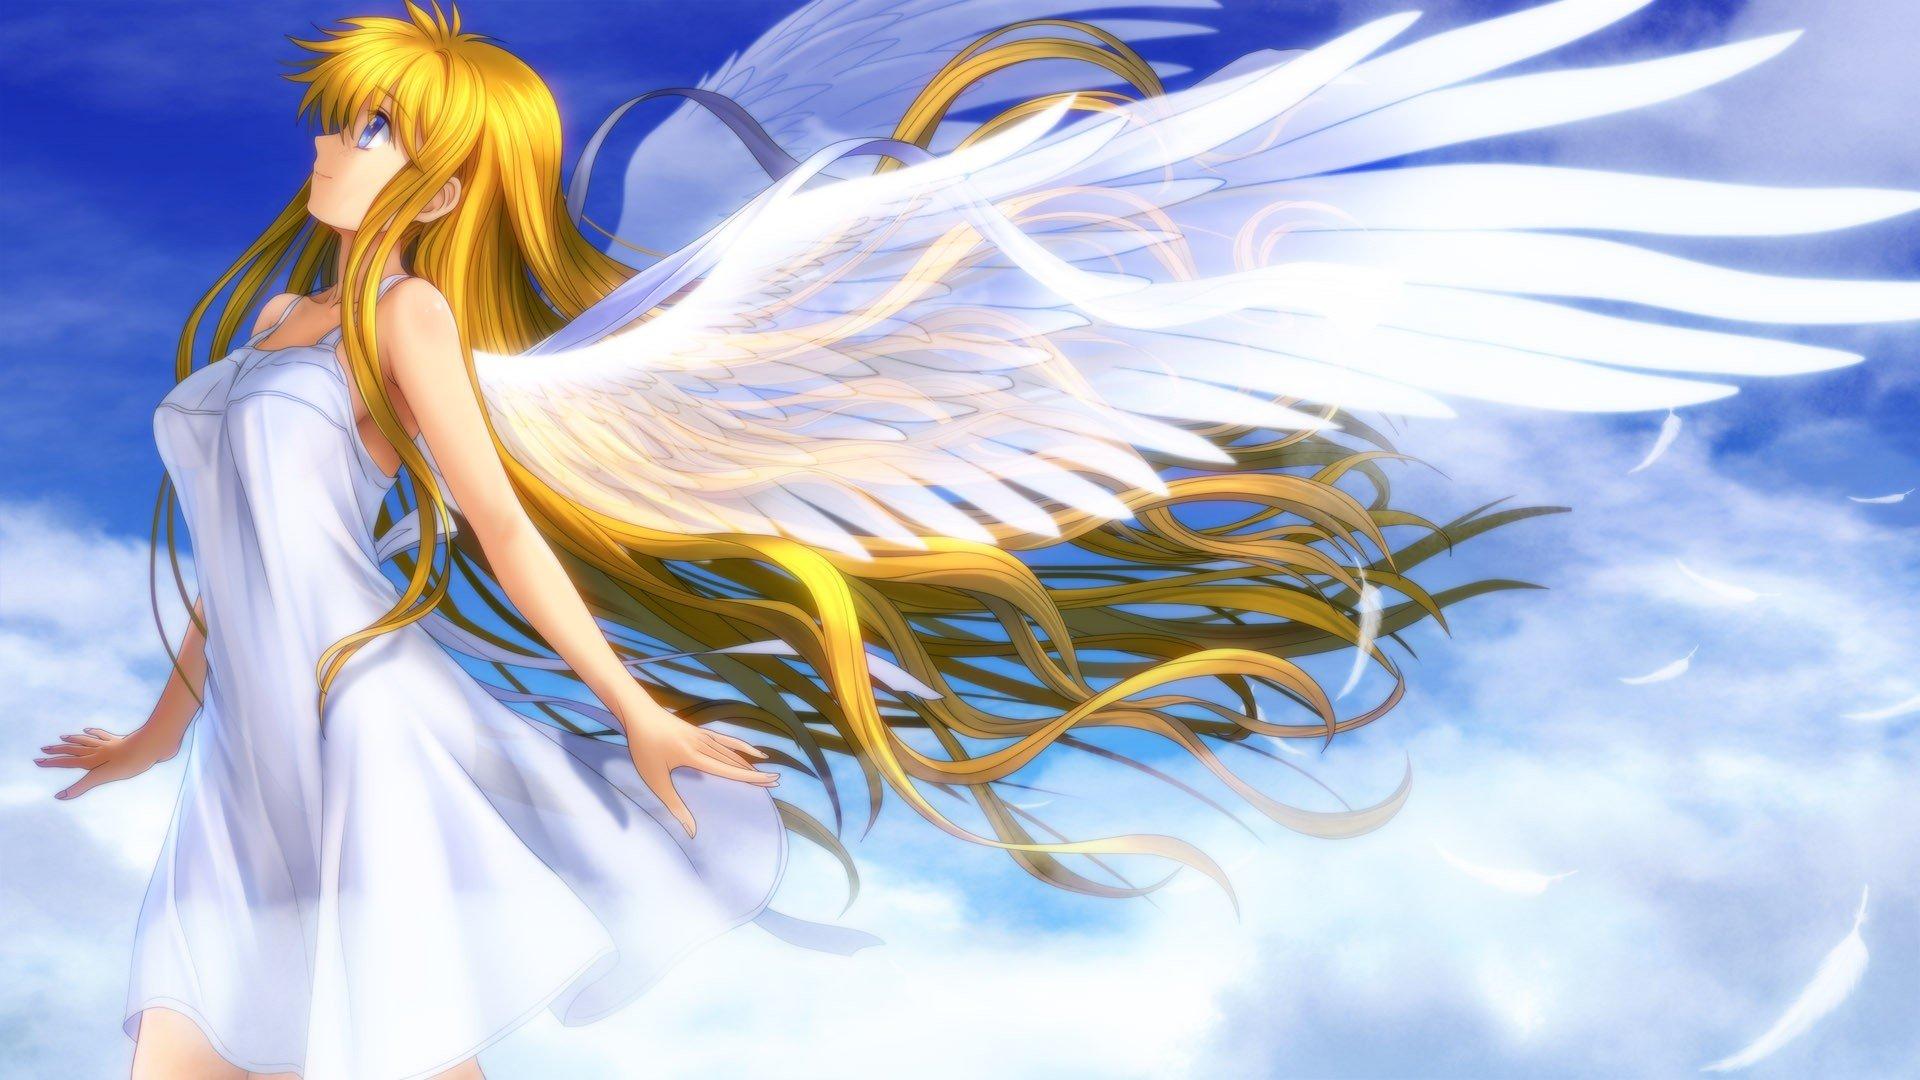 Blondes video games clouds wings dress blue eyes wind long ...